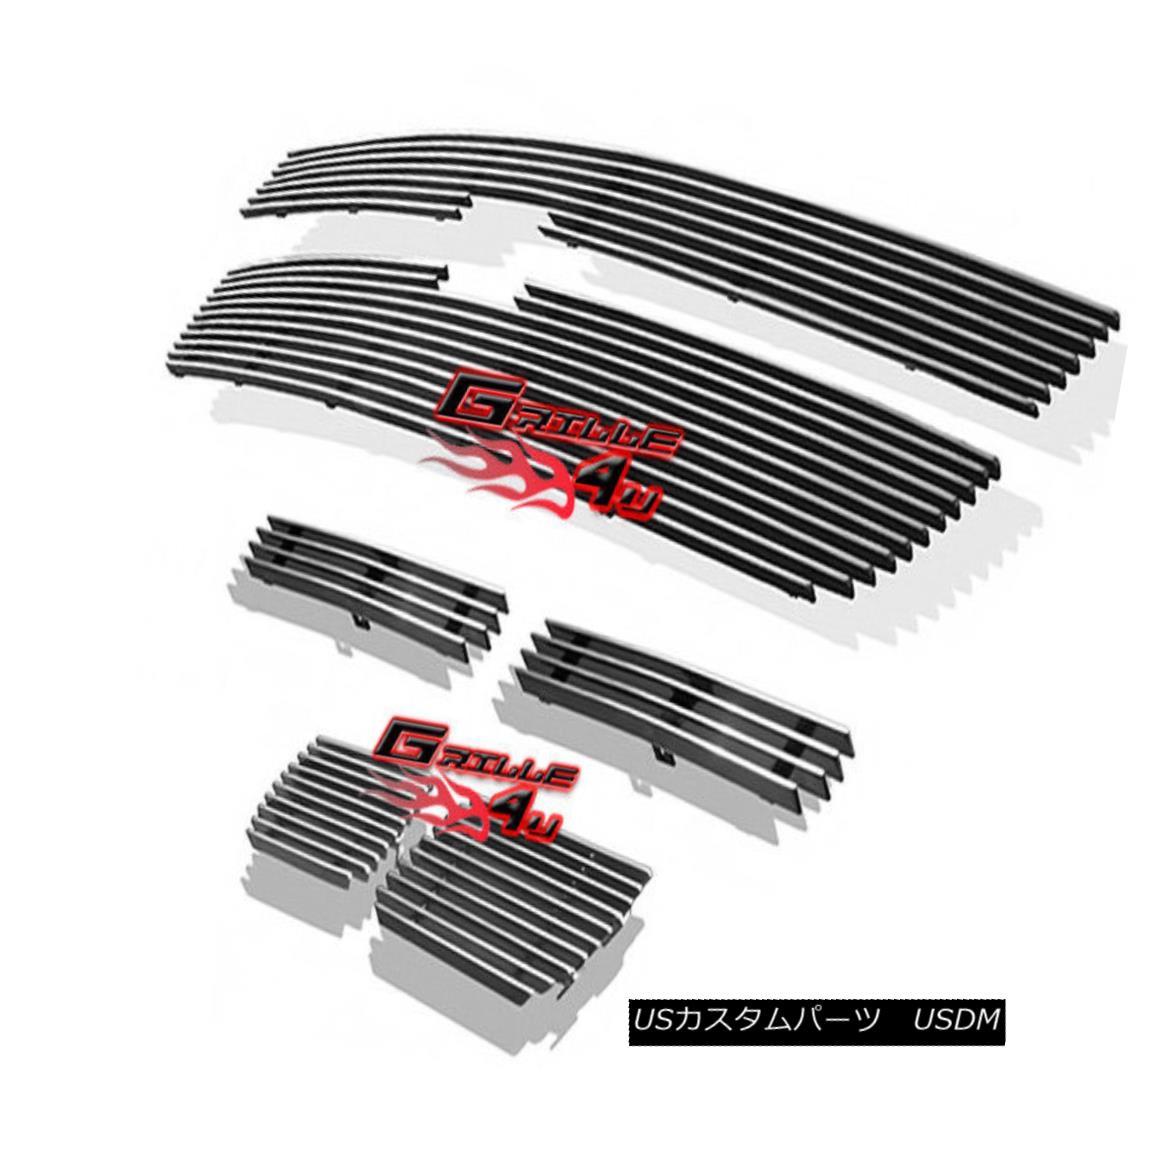 グリル For 06 Chevy Silverado 1500/05-06 2500 Billet Premium Grille Combo 06 Chevy Silverado 1500 / 05-06 2500ビレットプレミアムグリルコンボ